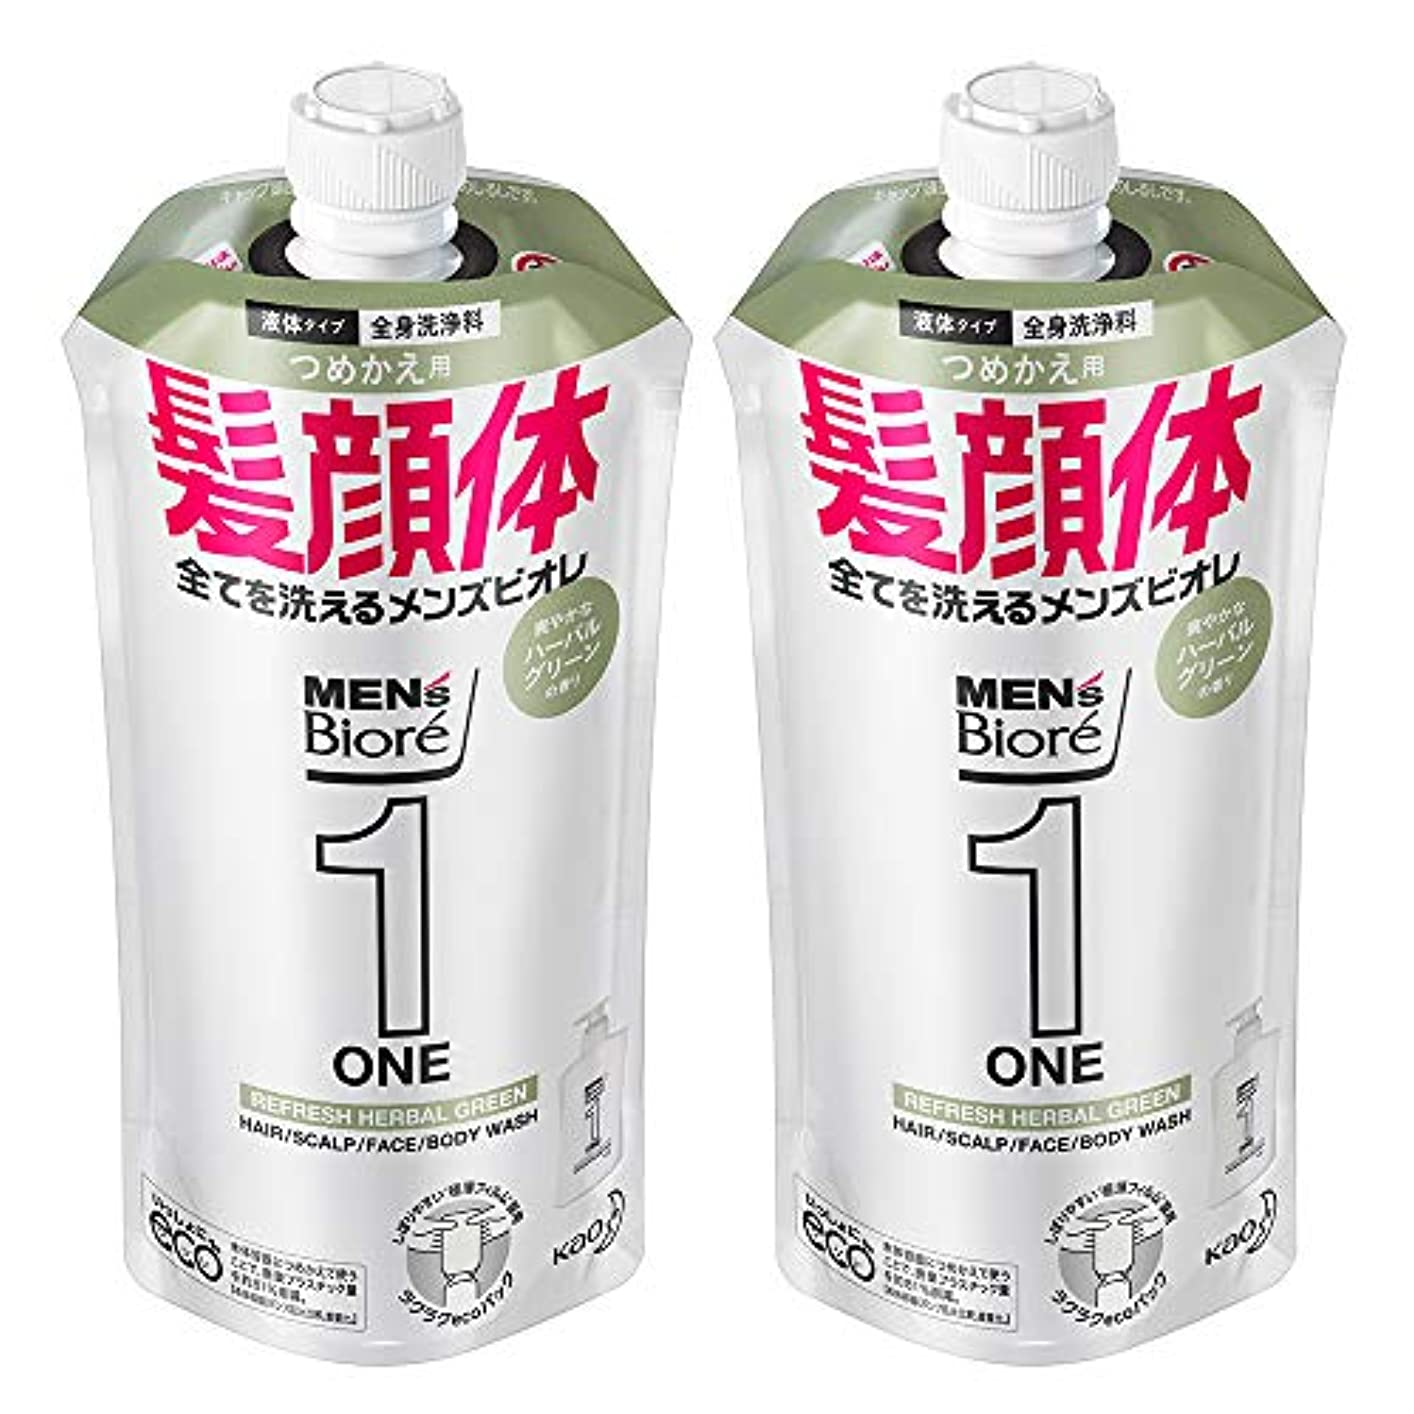 優雅な同様に感じ【まとめ買い】メンズビオレ ONE オールインワン全身洗浄料 ハーバルグリーンの香り つめかえ用 340ml×2個